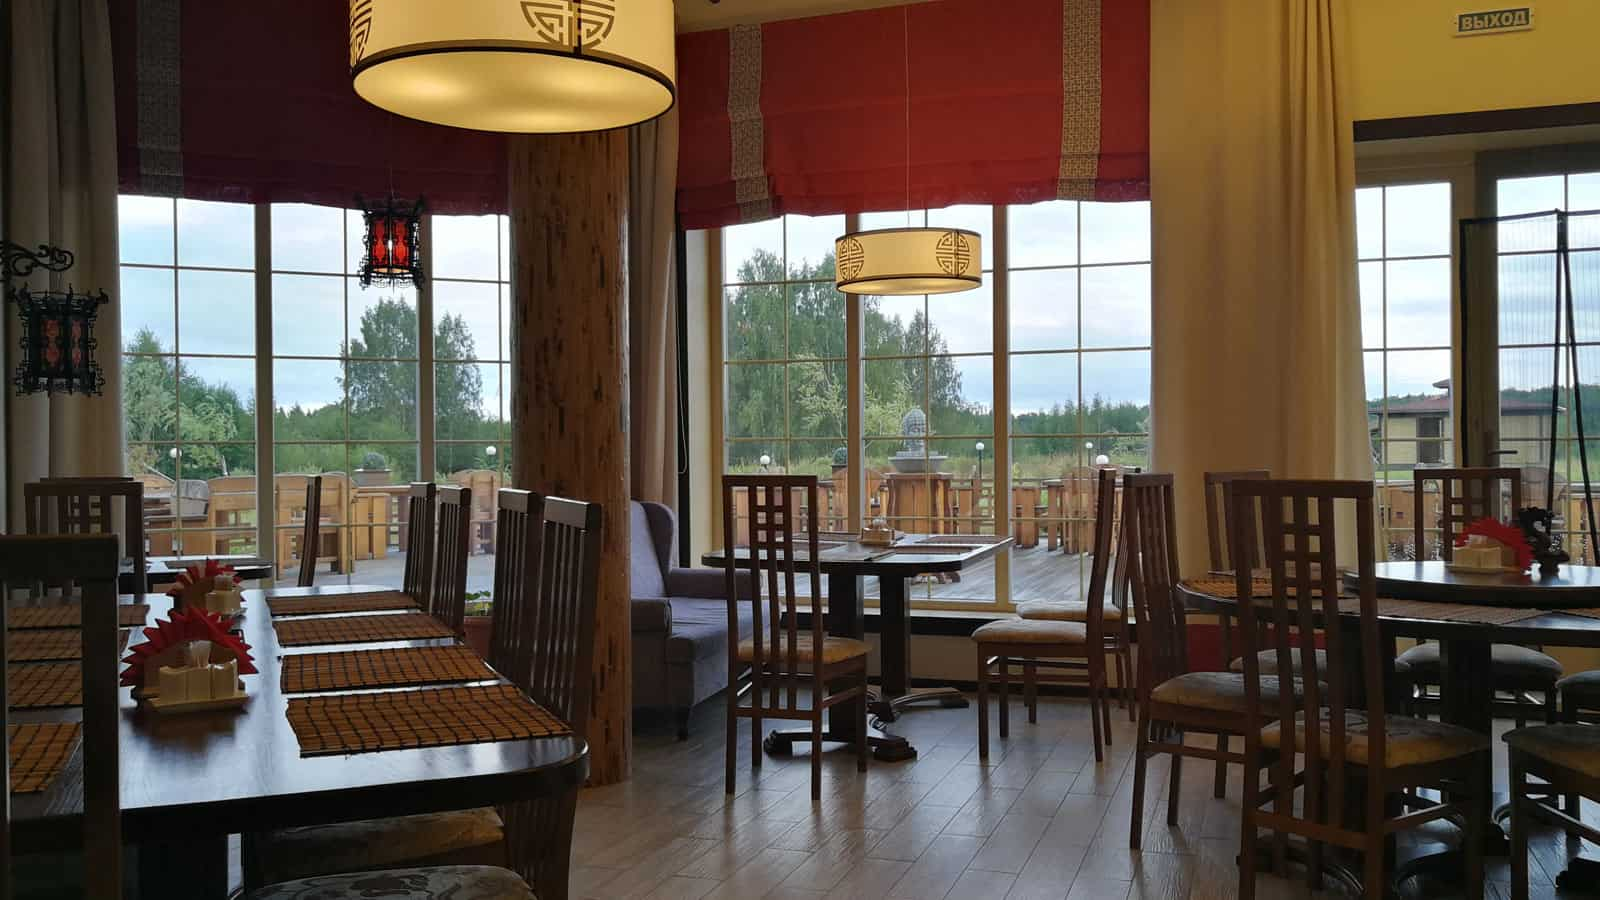 dzen-otel-restoran-taishev